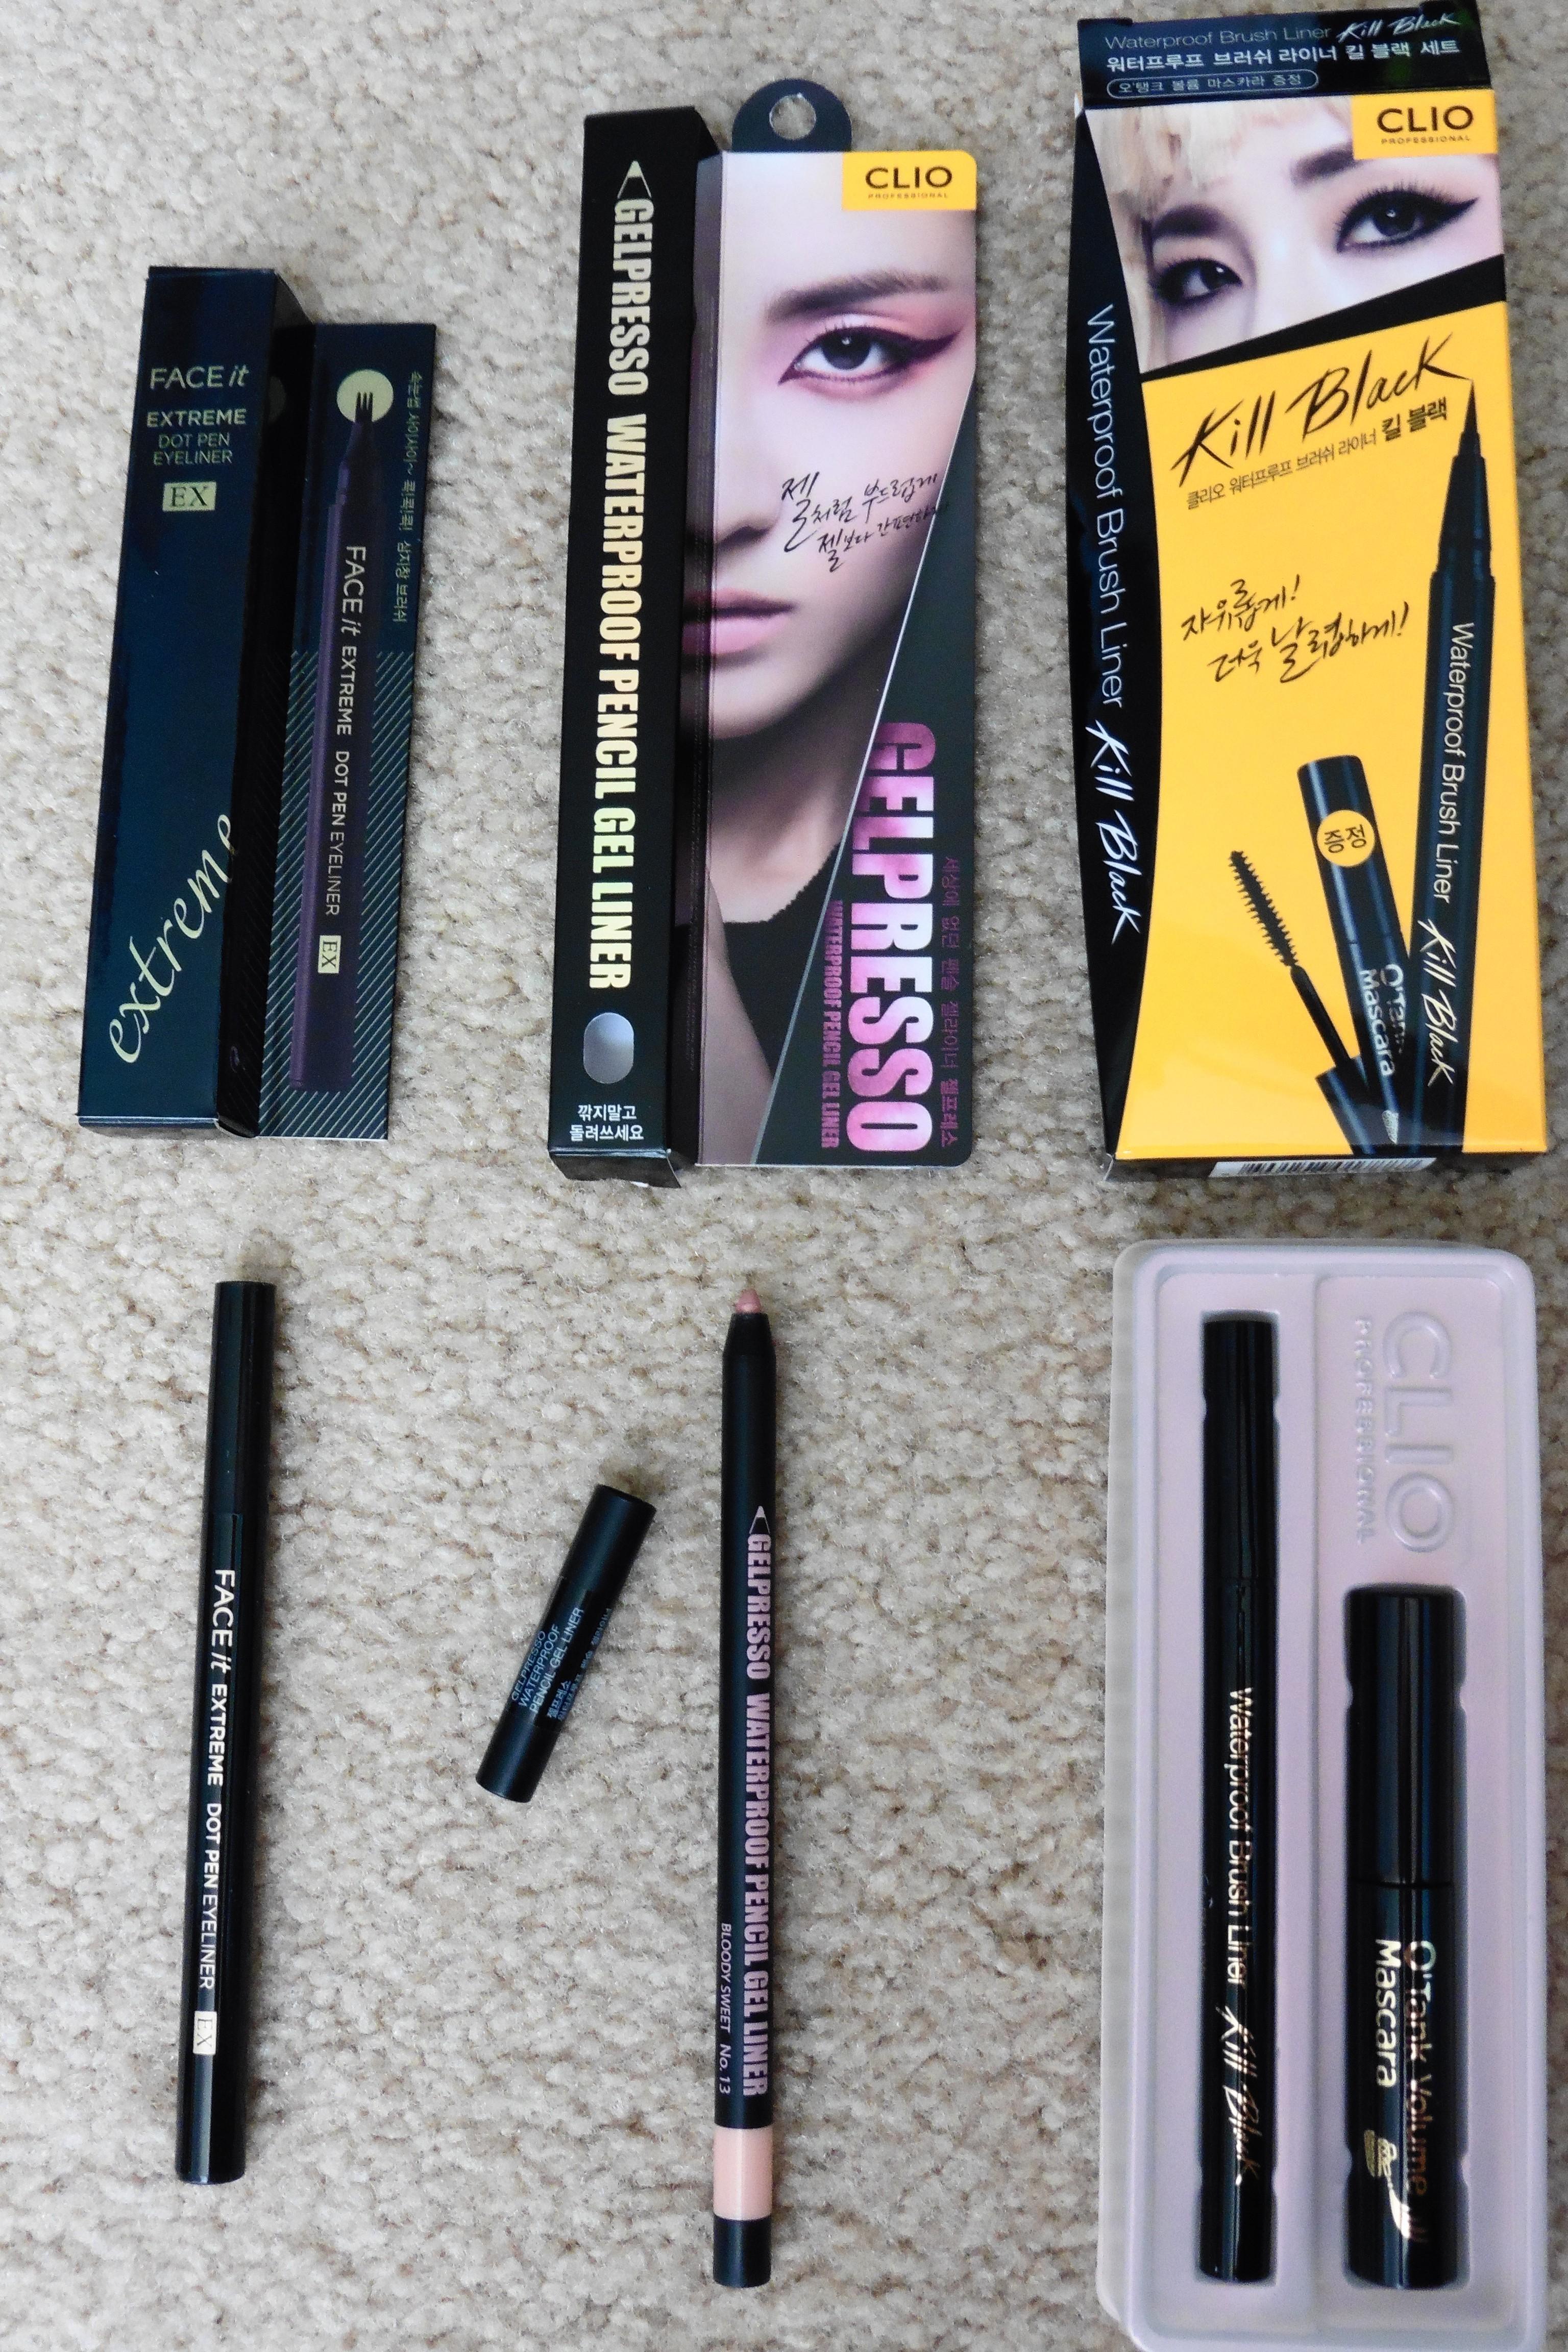 06 The Face Shop FaceIt Extreme Dot Pen Eyeliner EX Clio